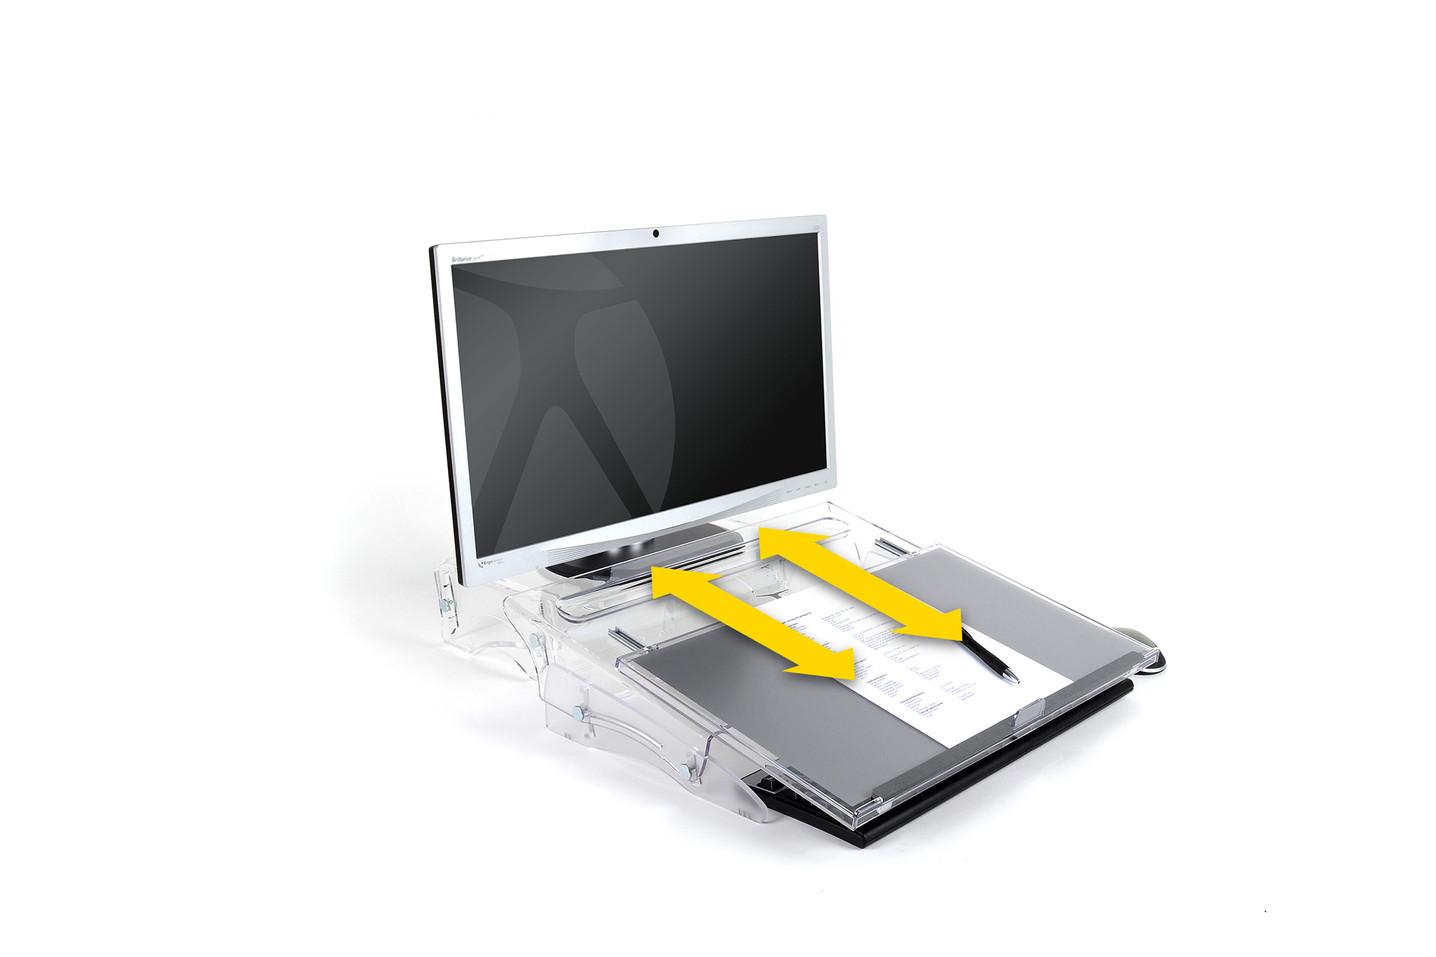 flexdesk-640-document-holder-1395148675.